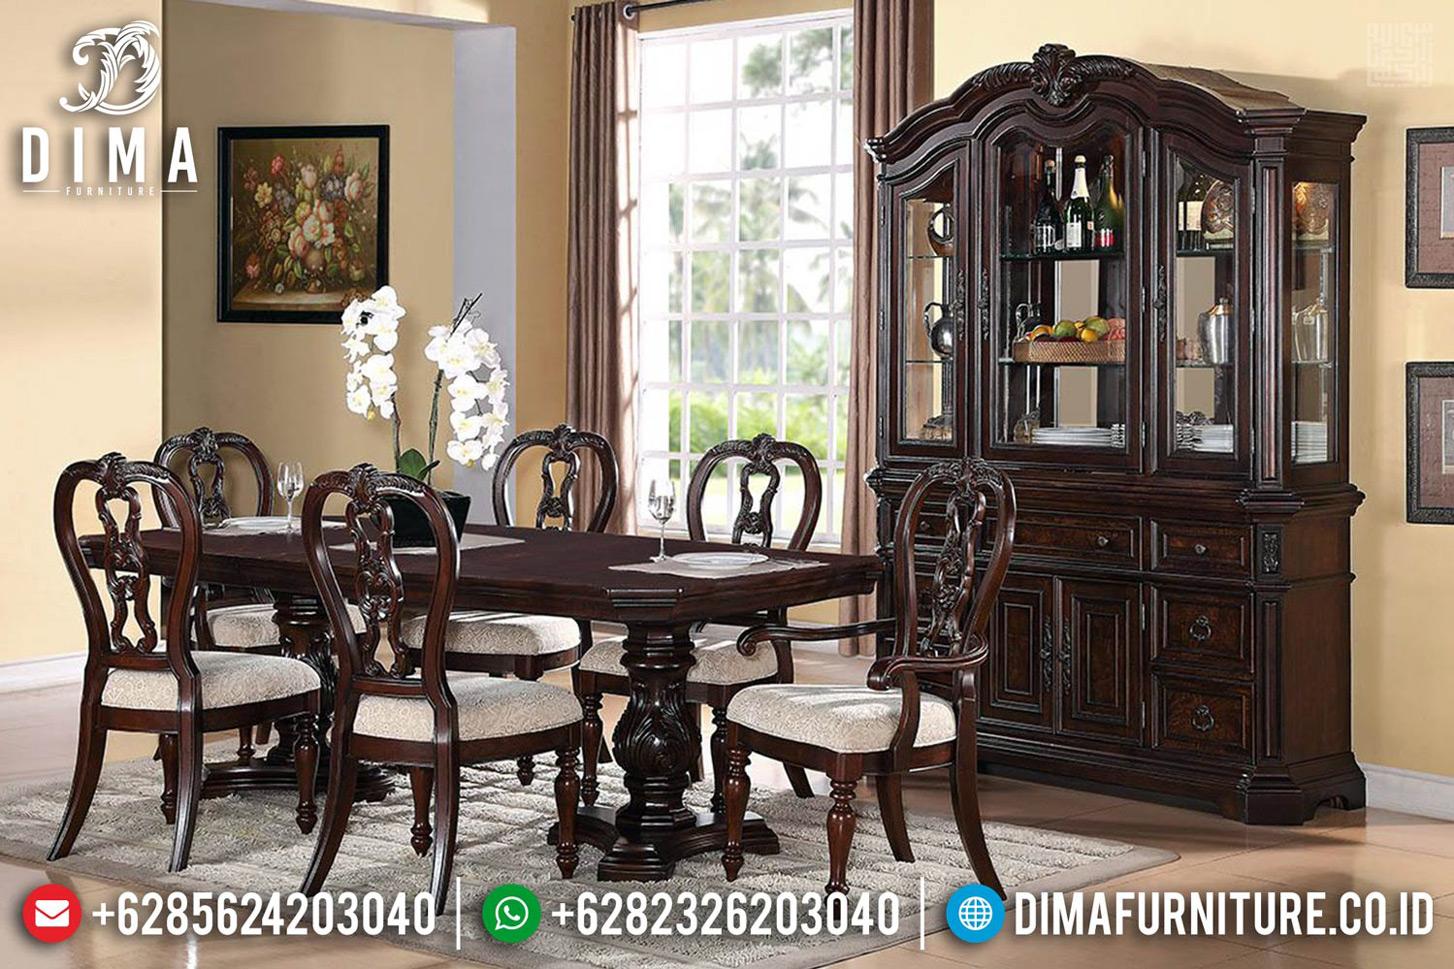 New Desain Interior Meja Makan Klasik Minimalis Natural Jati Perhutani Jepara MMJ-0707